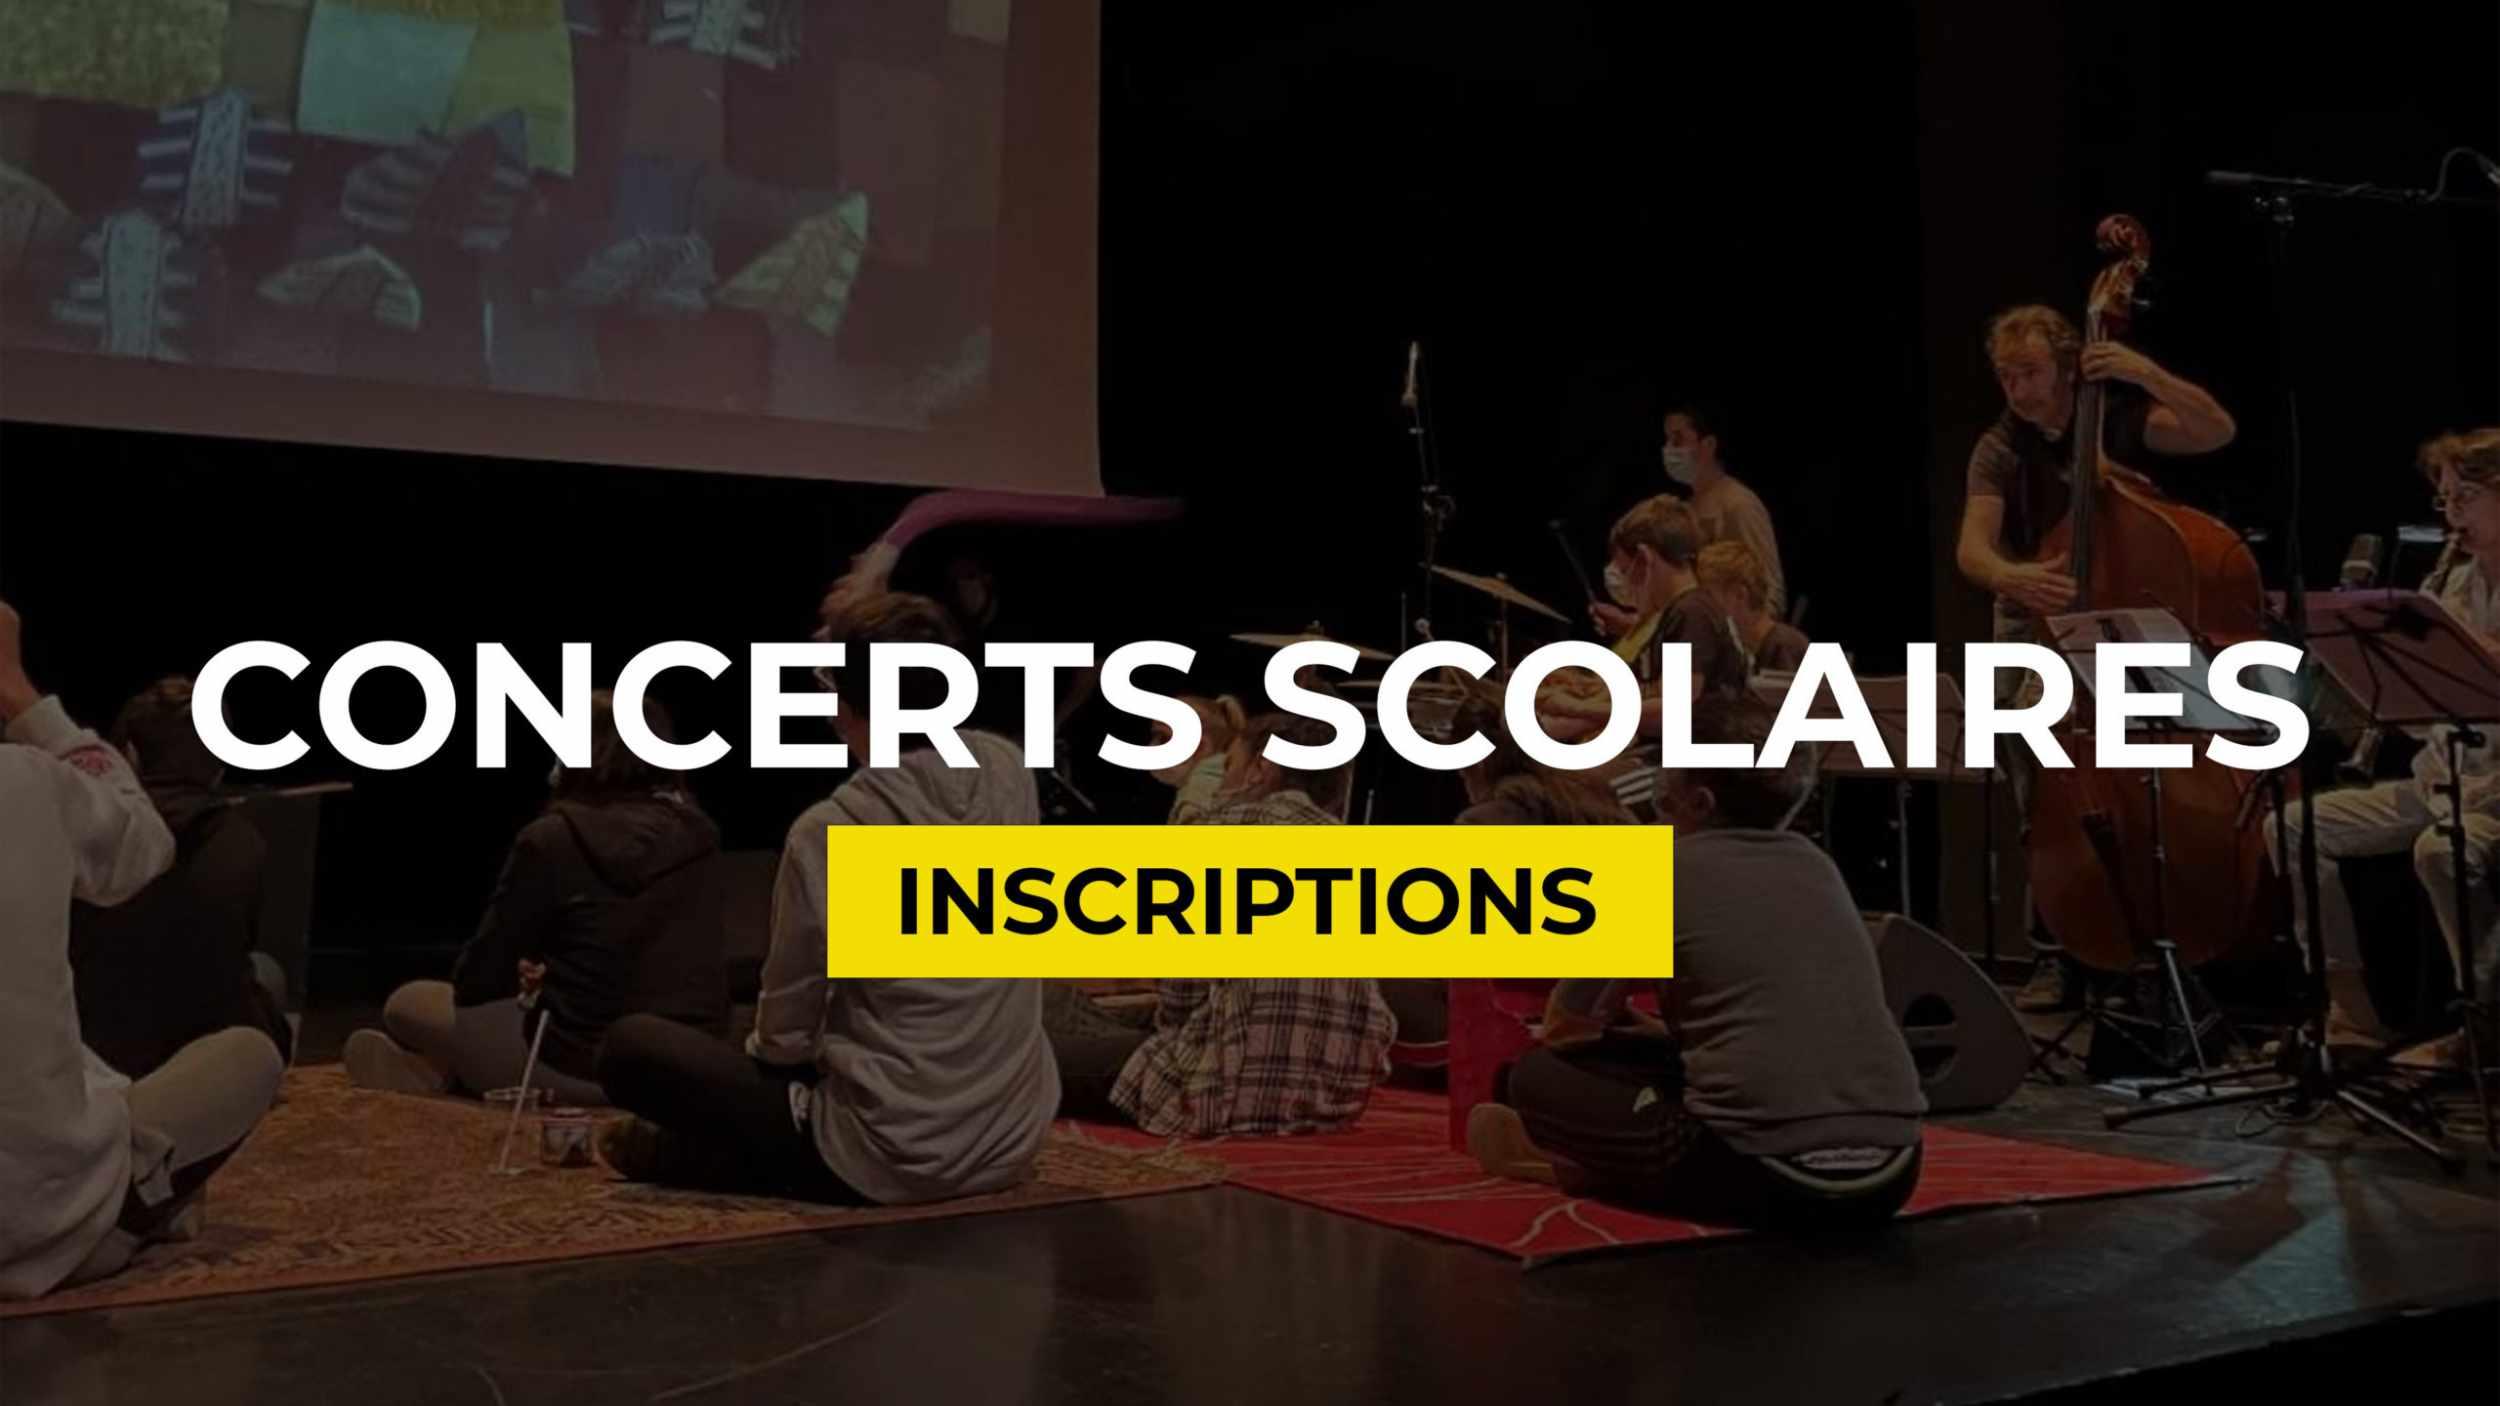 CONCERTS-SCOLAIRES_Inscriptions